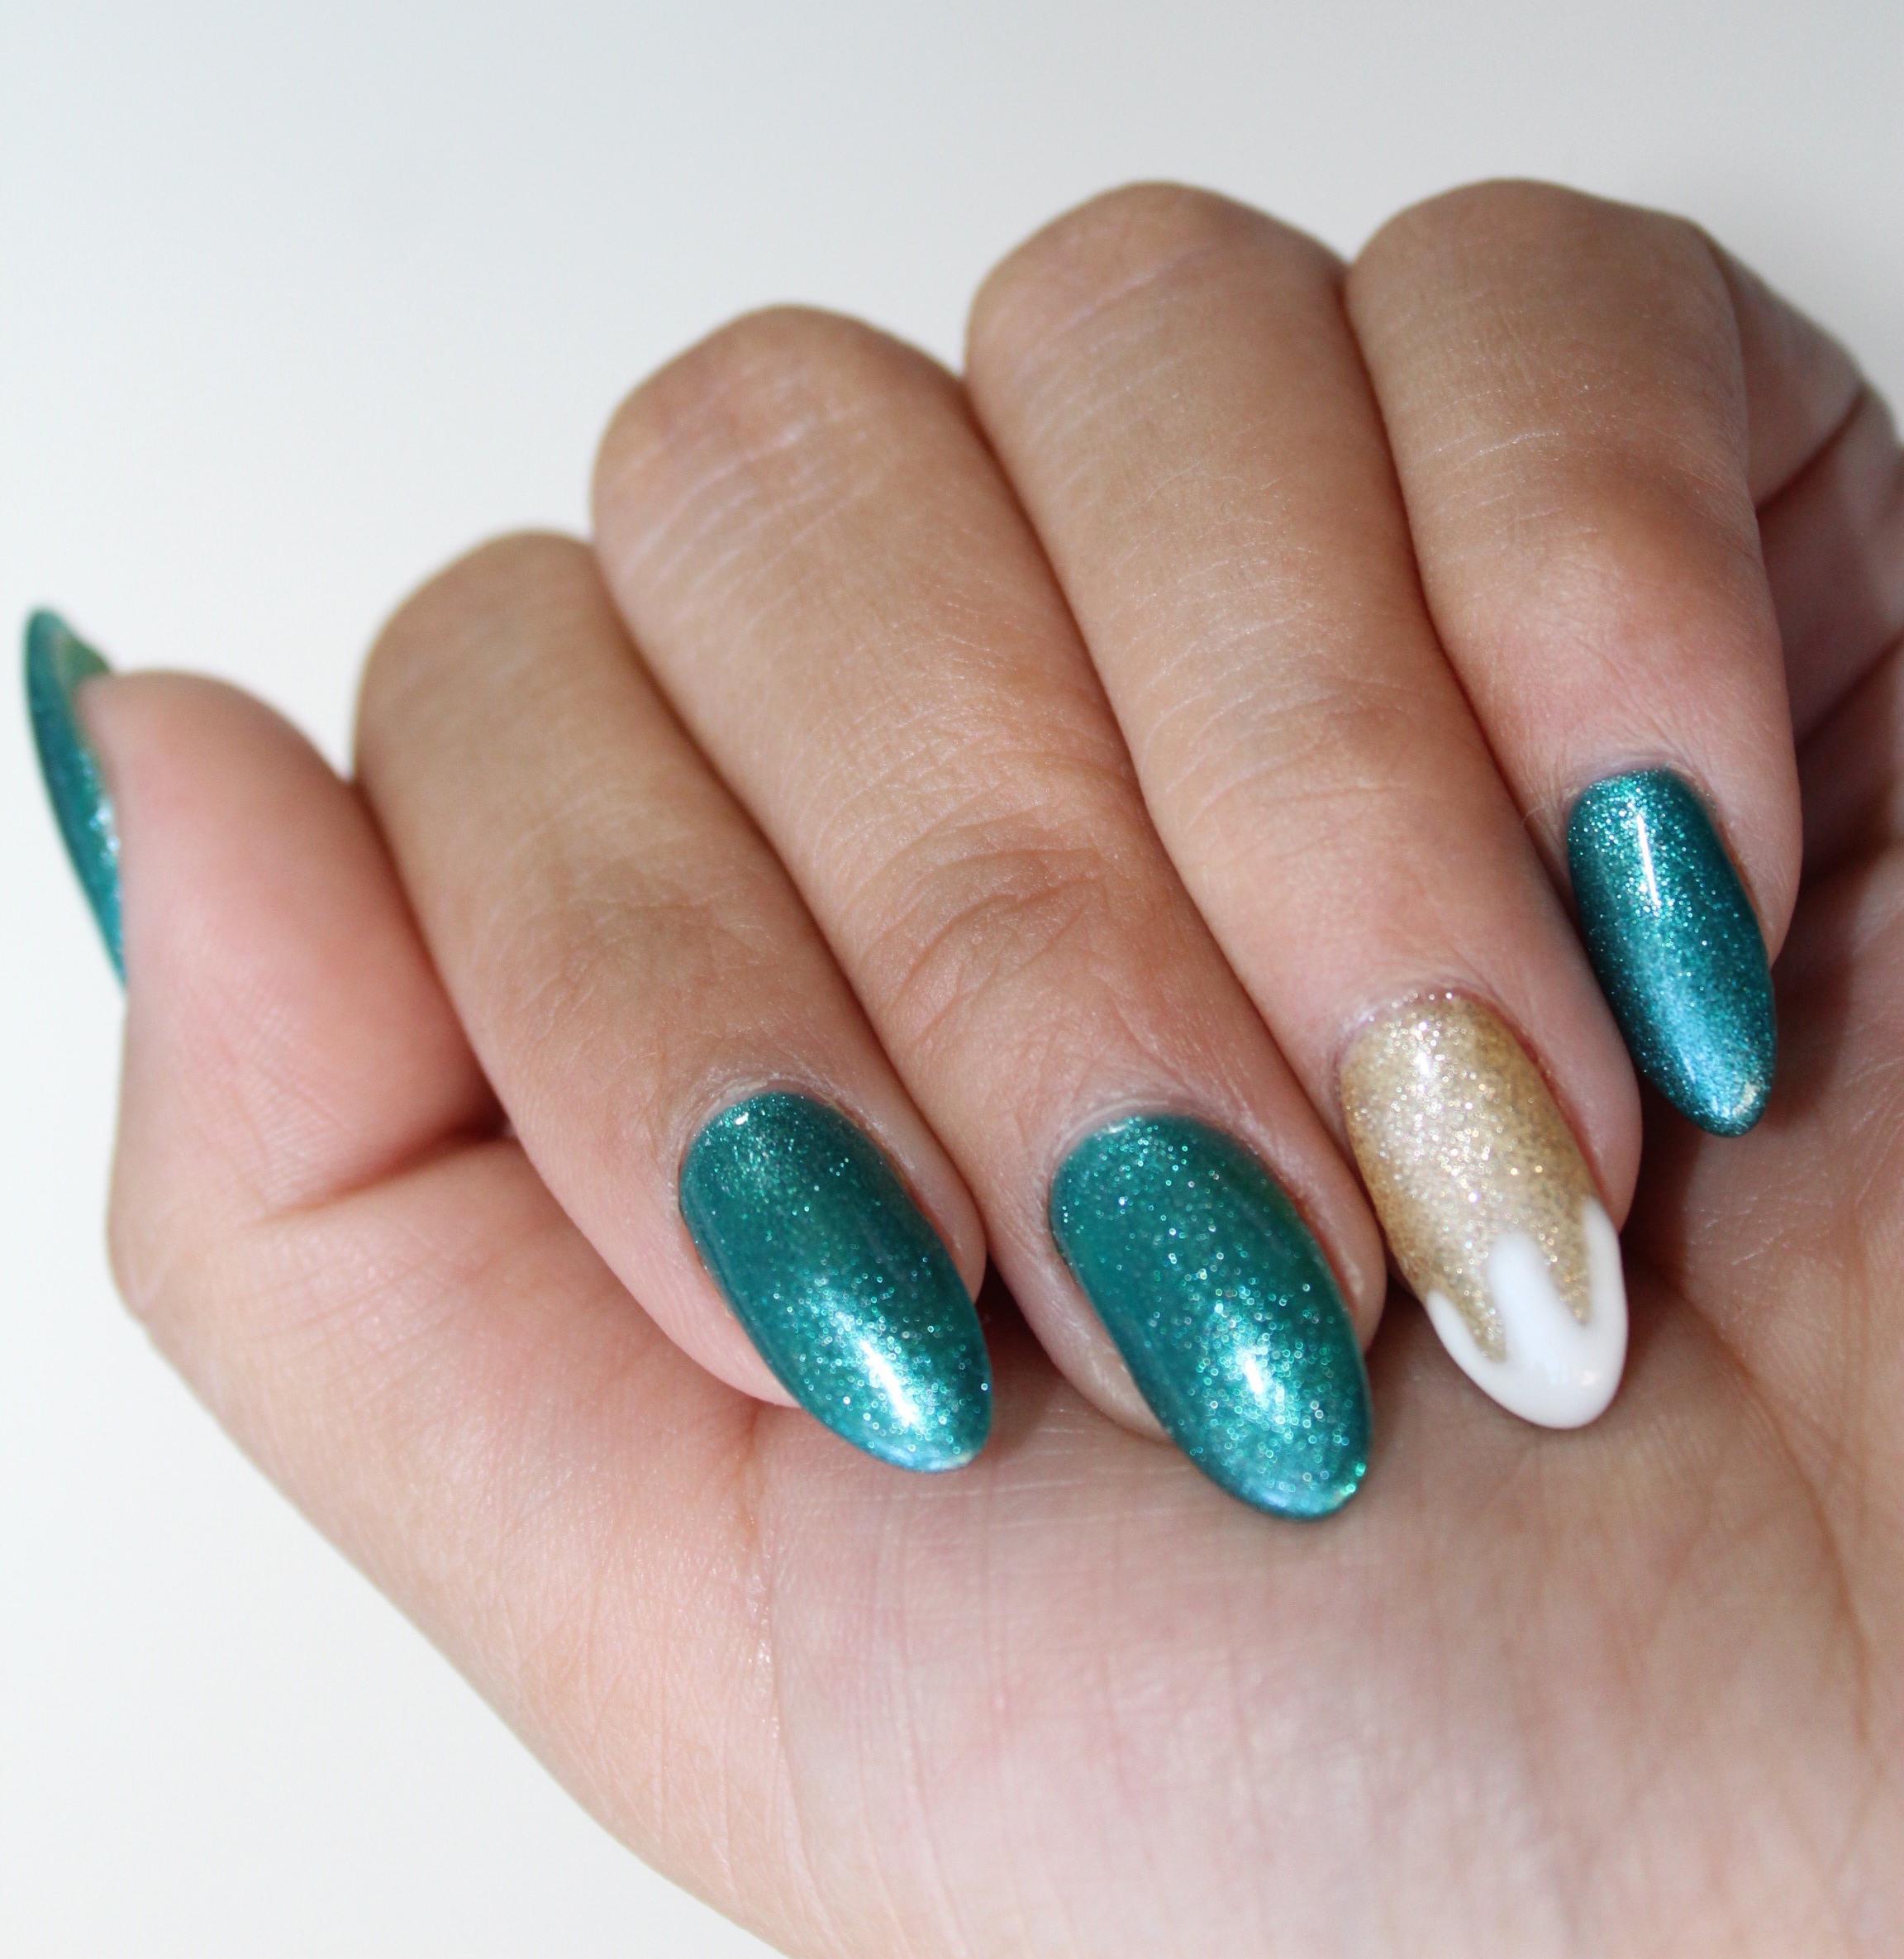 Nail Art Tutorial: Shamrock Nails - Nailpro